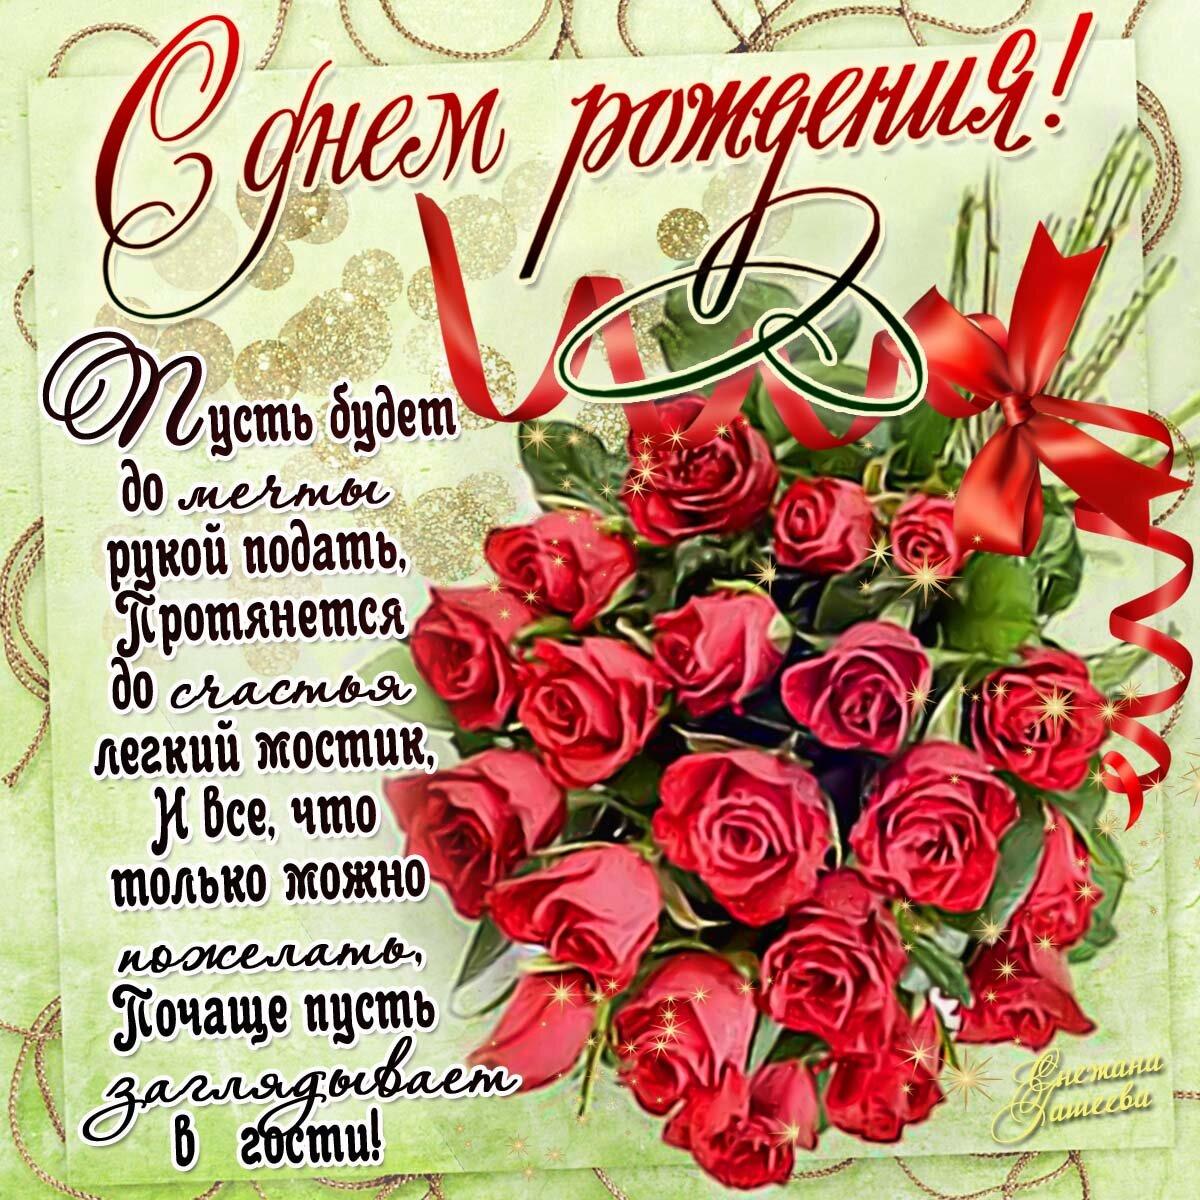 Отправить поздравления с днем рождения открытки